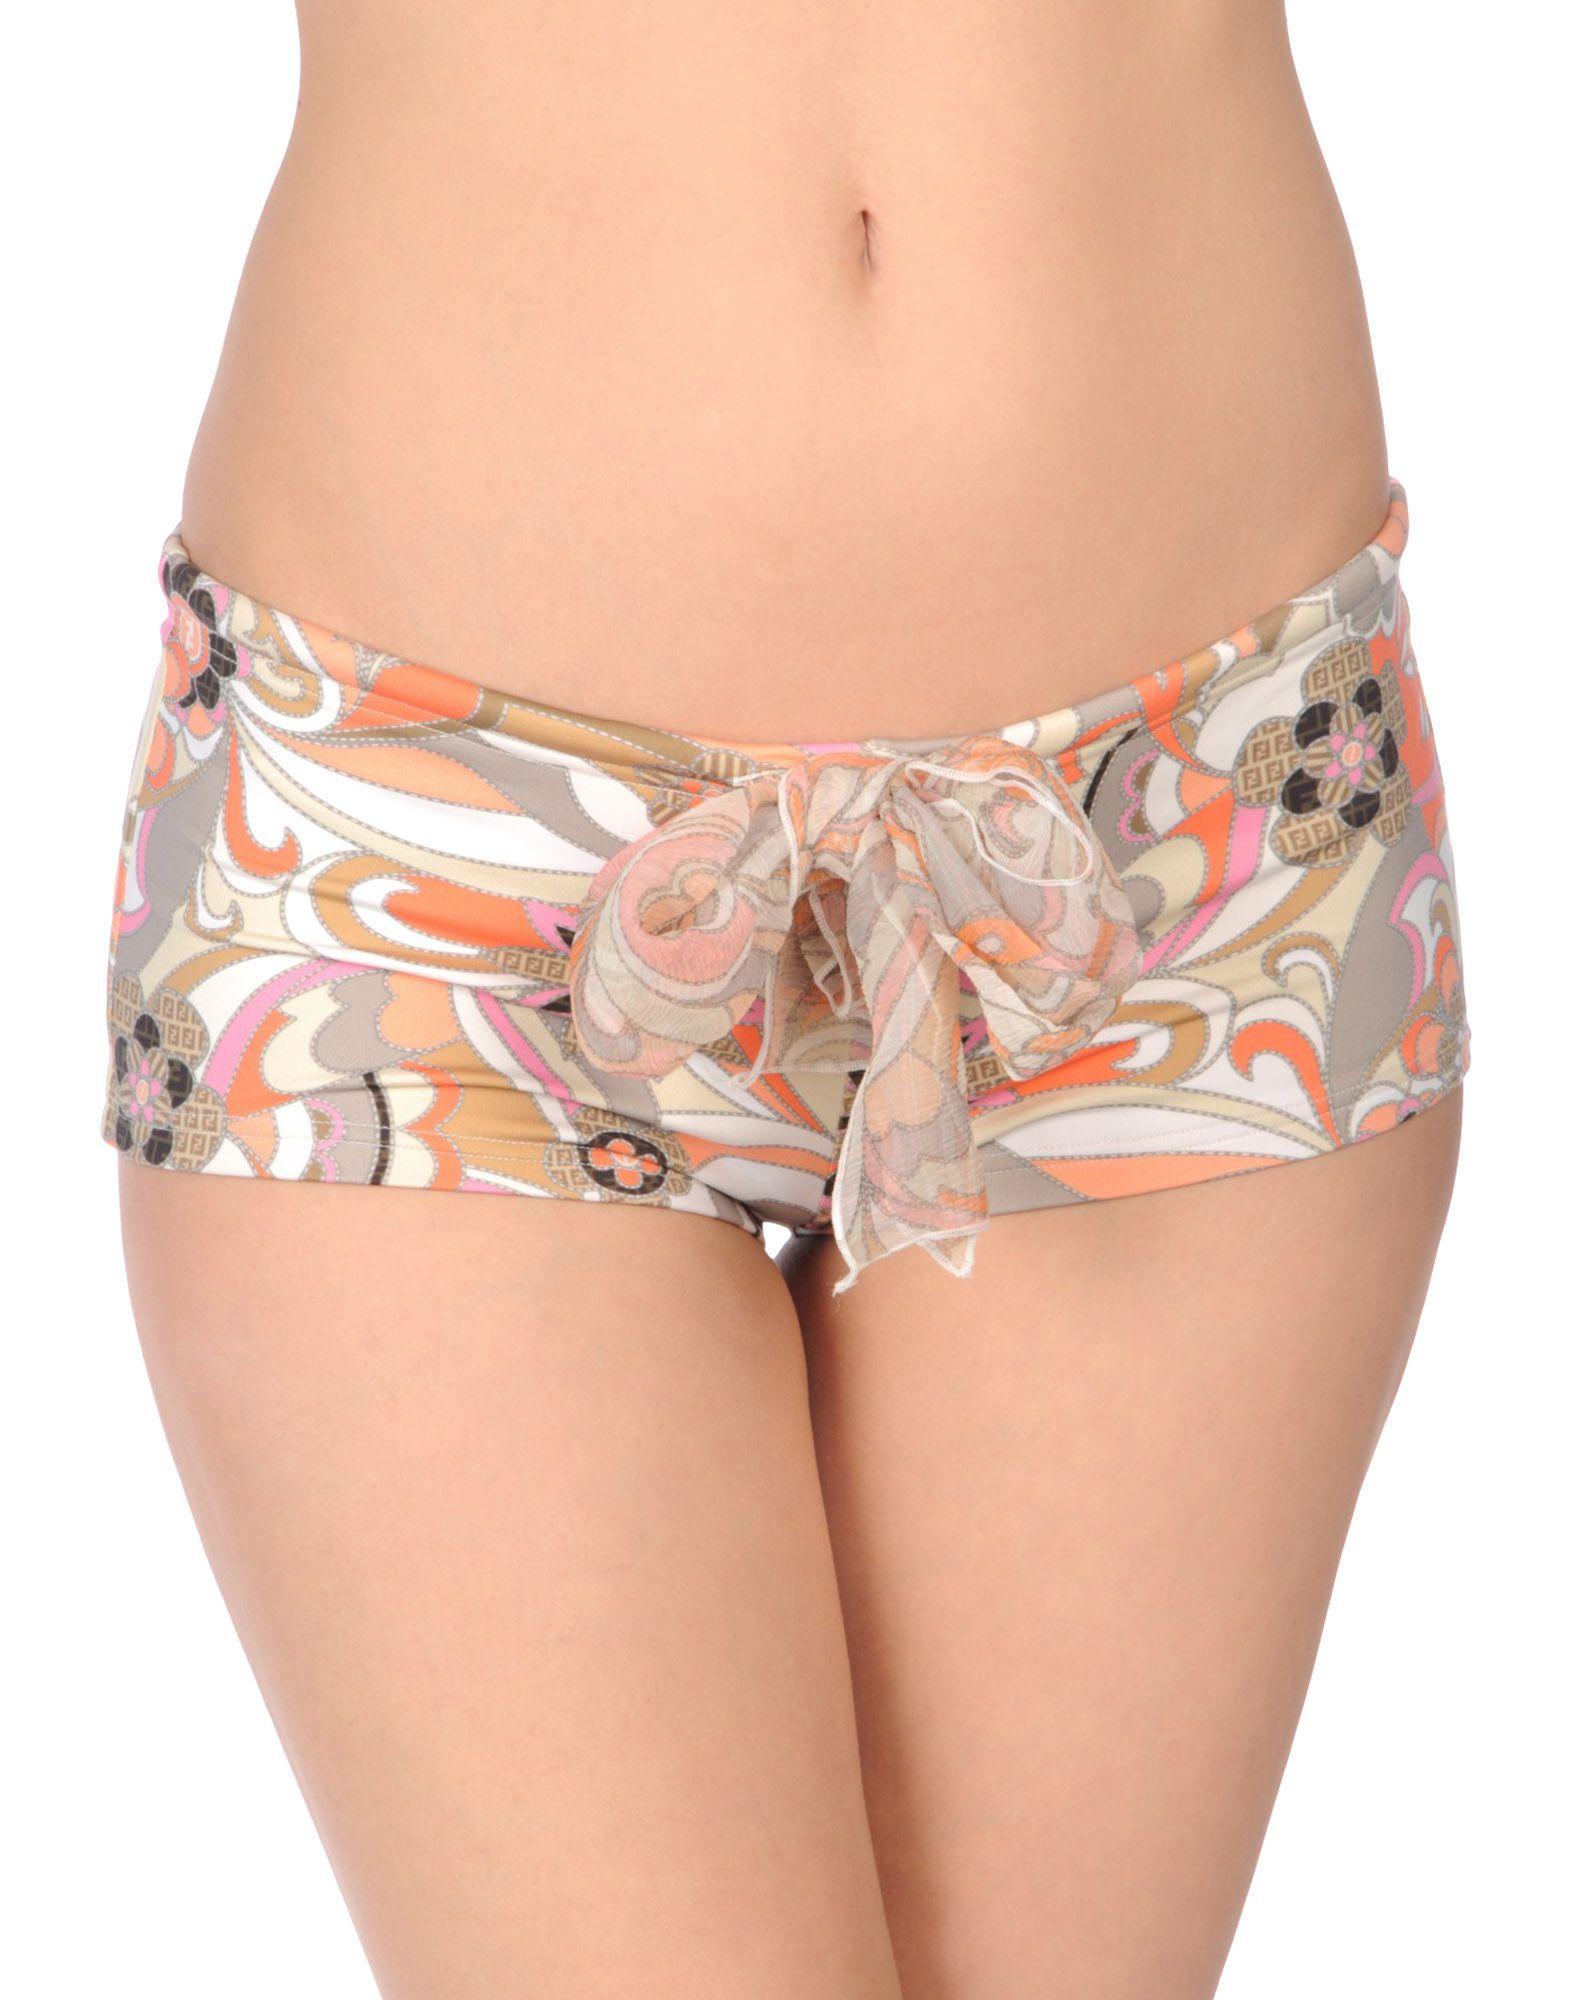 fendi female fendi bikini bottoms